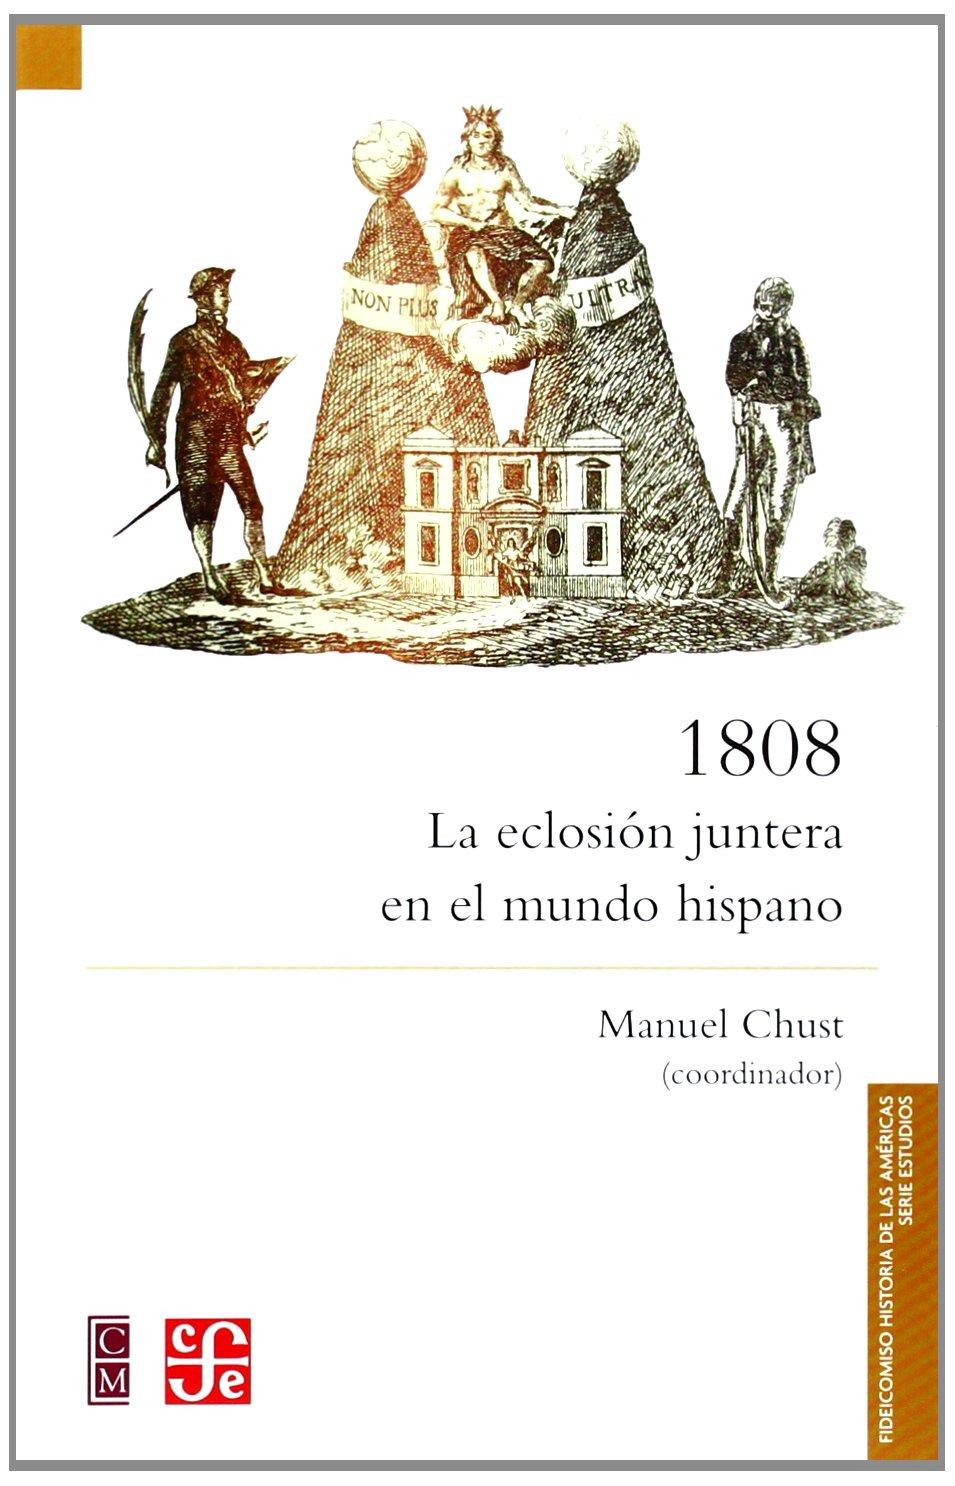 1808. La eclosión juntera en el mundo hispano (Fideicomiso Historia De Las Americas: Serie Estudios) (Spanish Edition) ebook